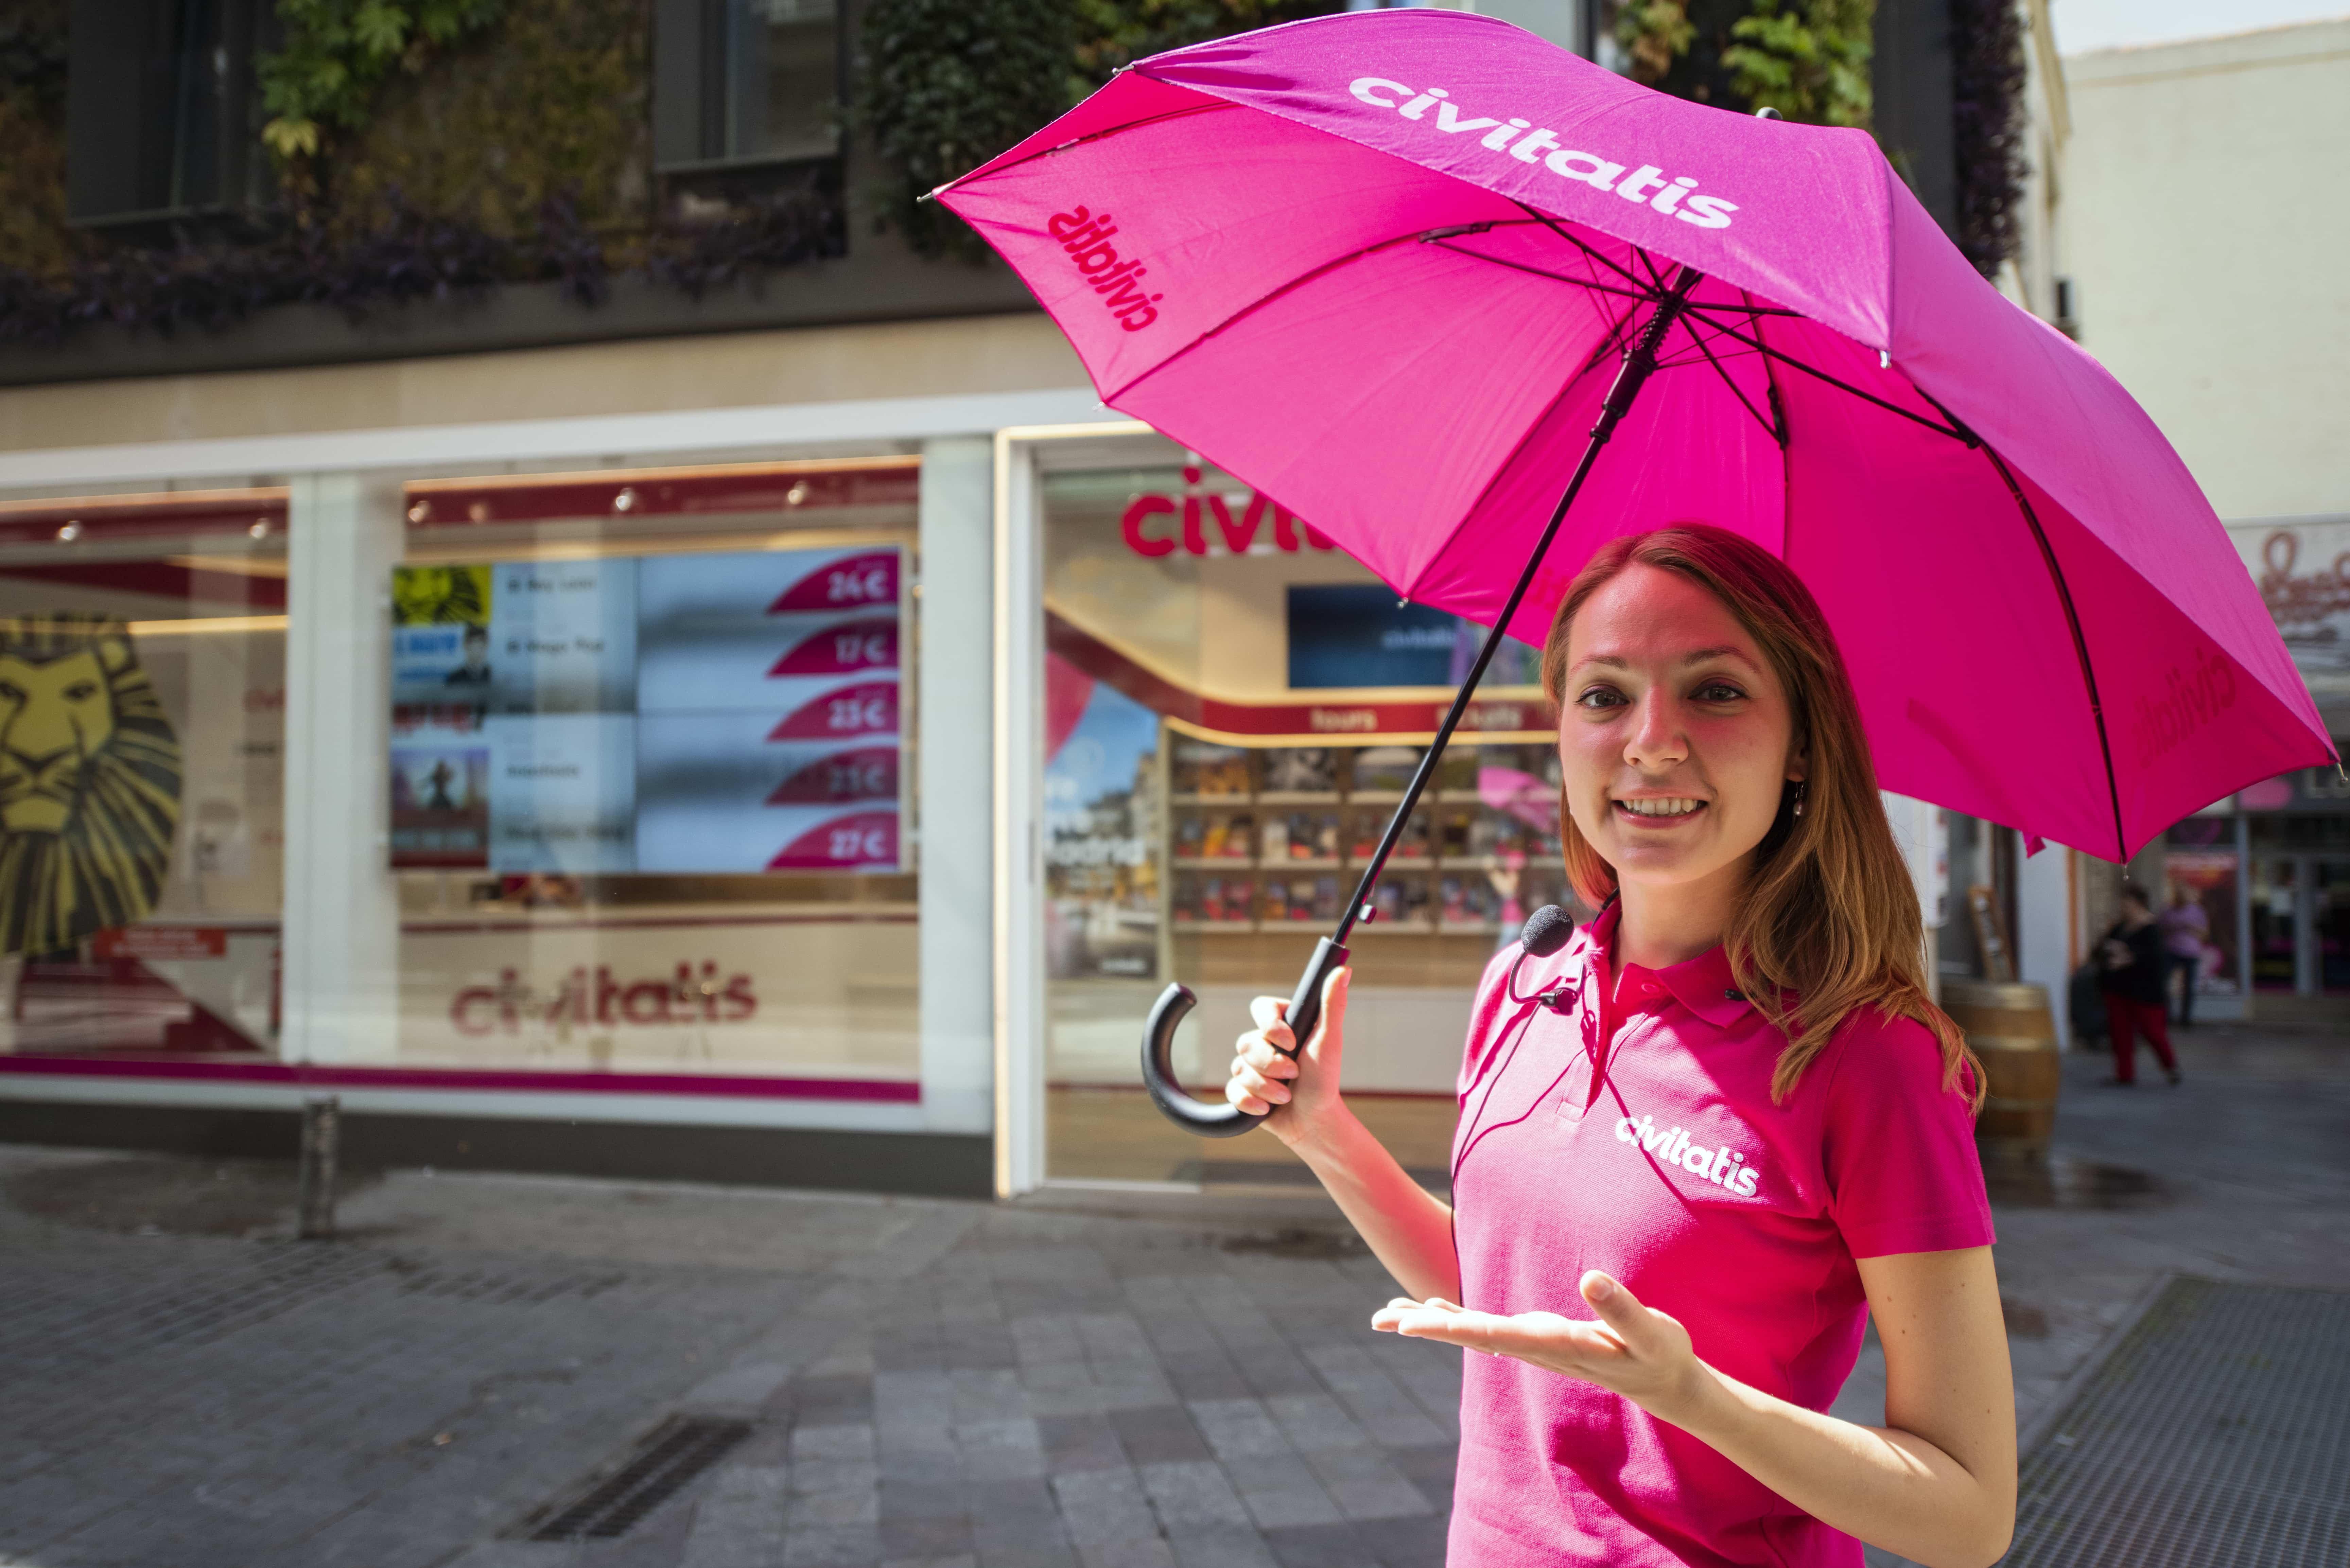 Civitatis: El valor diferencial del turismo accesible